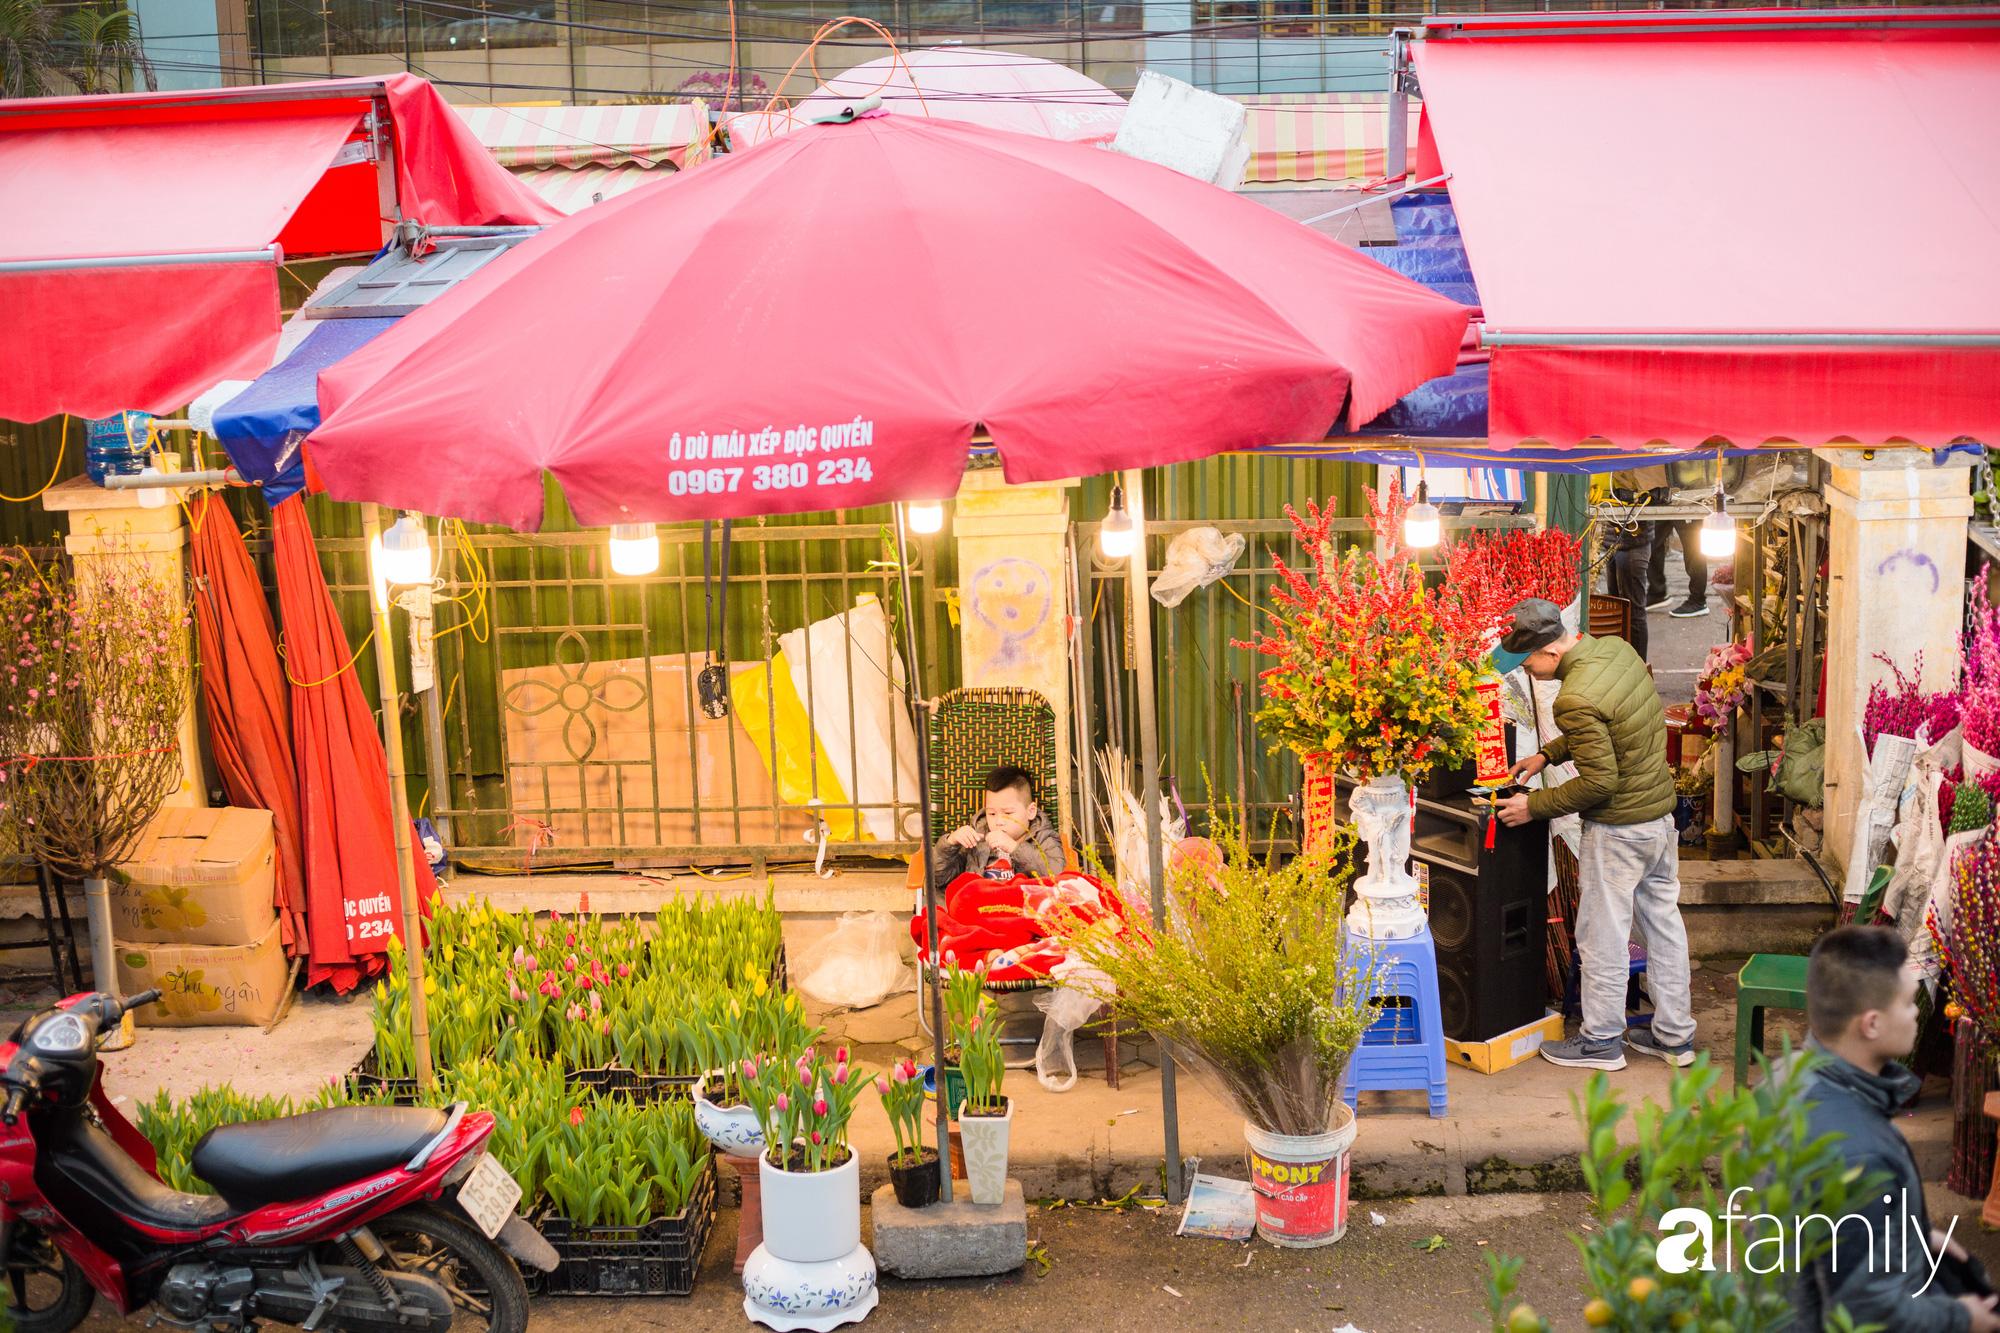 Những khoảnh khắc bình dị ngày cuối năm ở chợ hoa Quảng An, dù lạnh thấu xương nhưng người Hà Nội vẫn nô nức sắm hoa chơi Tết - Ảnh 2.